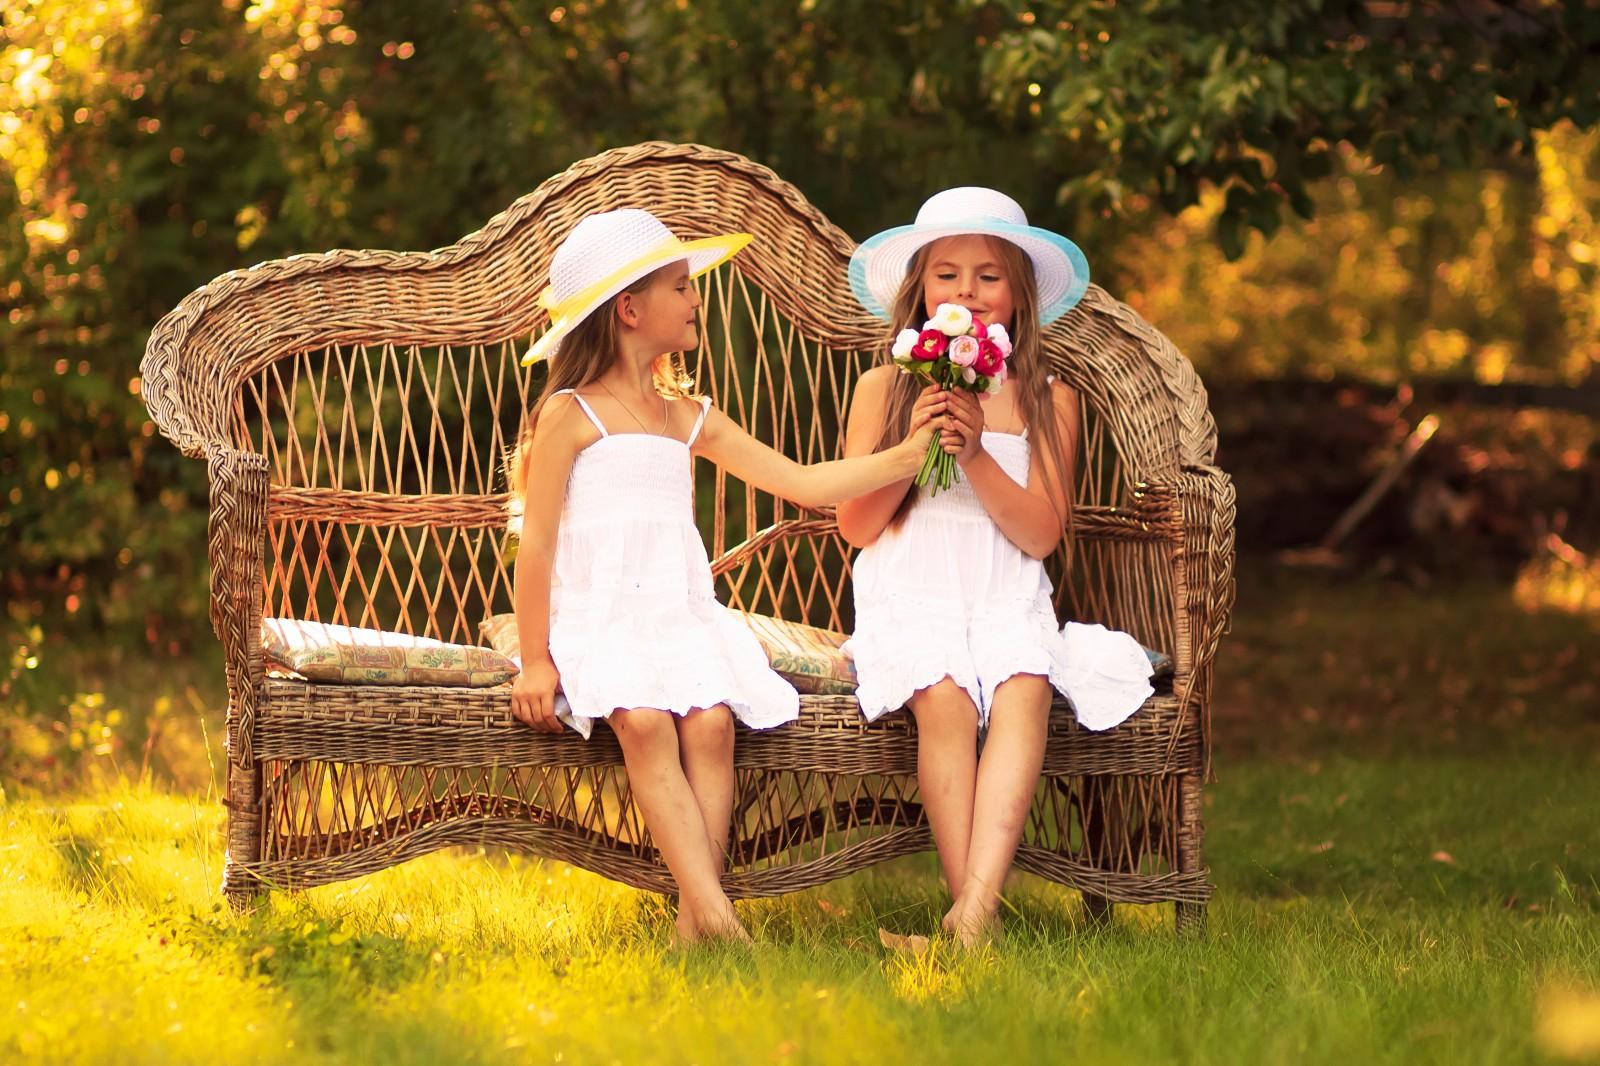 найдете самые фото подружки на скамейке можем похвастаться